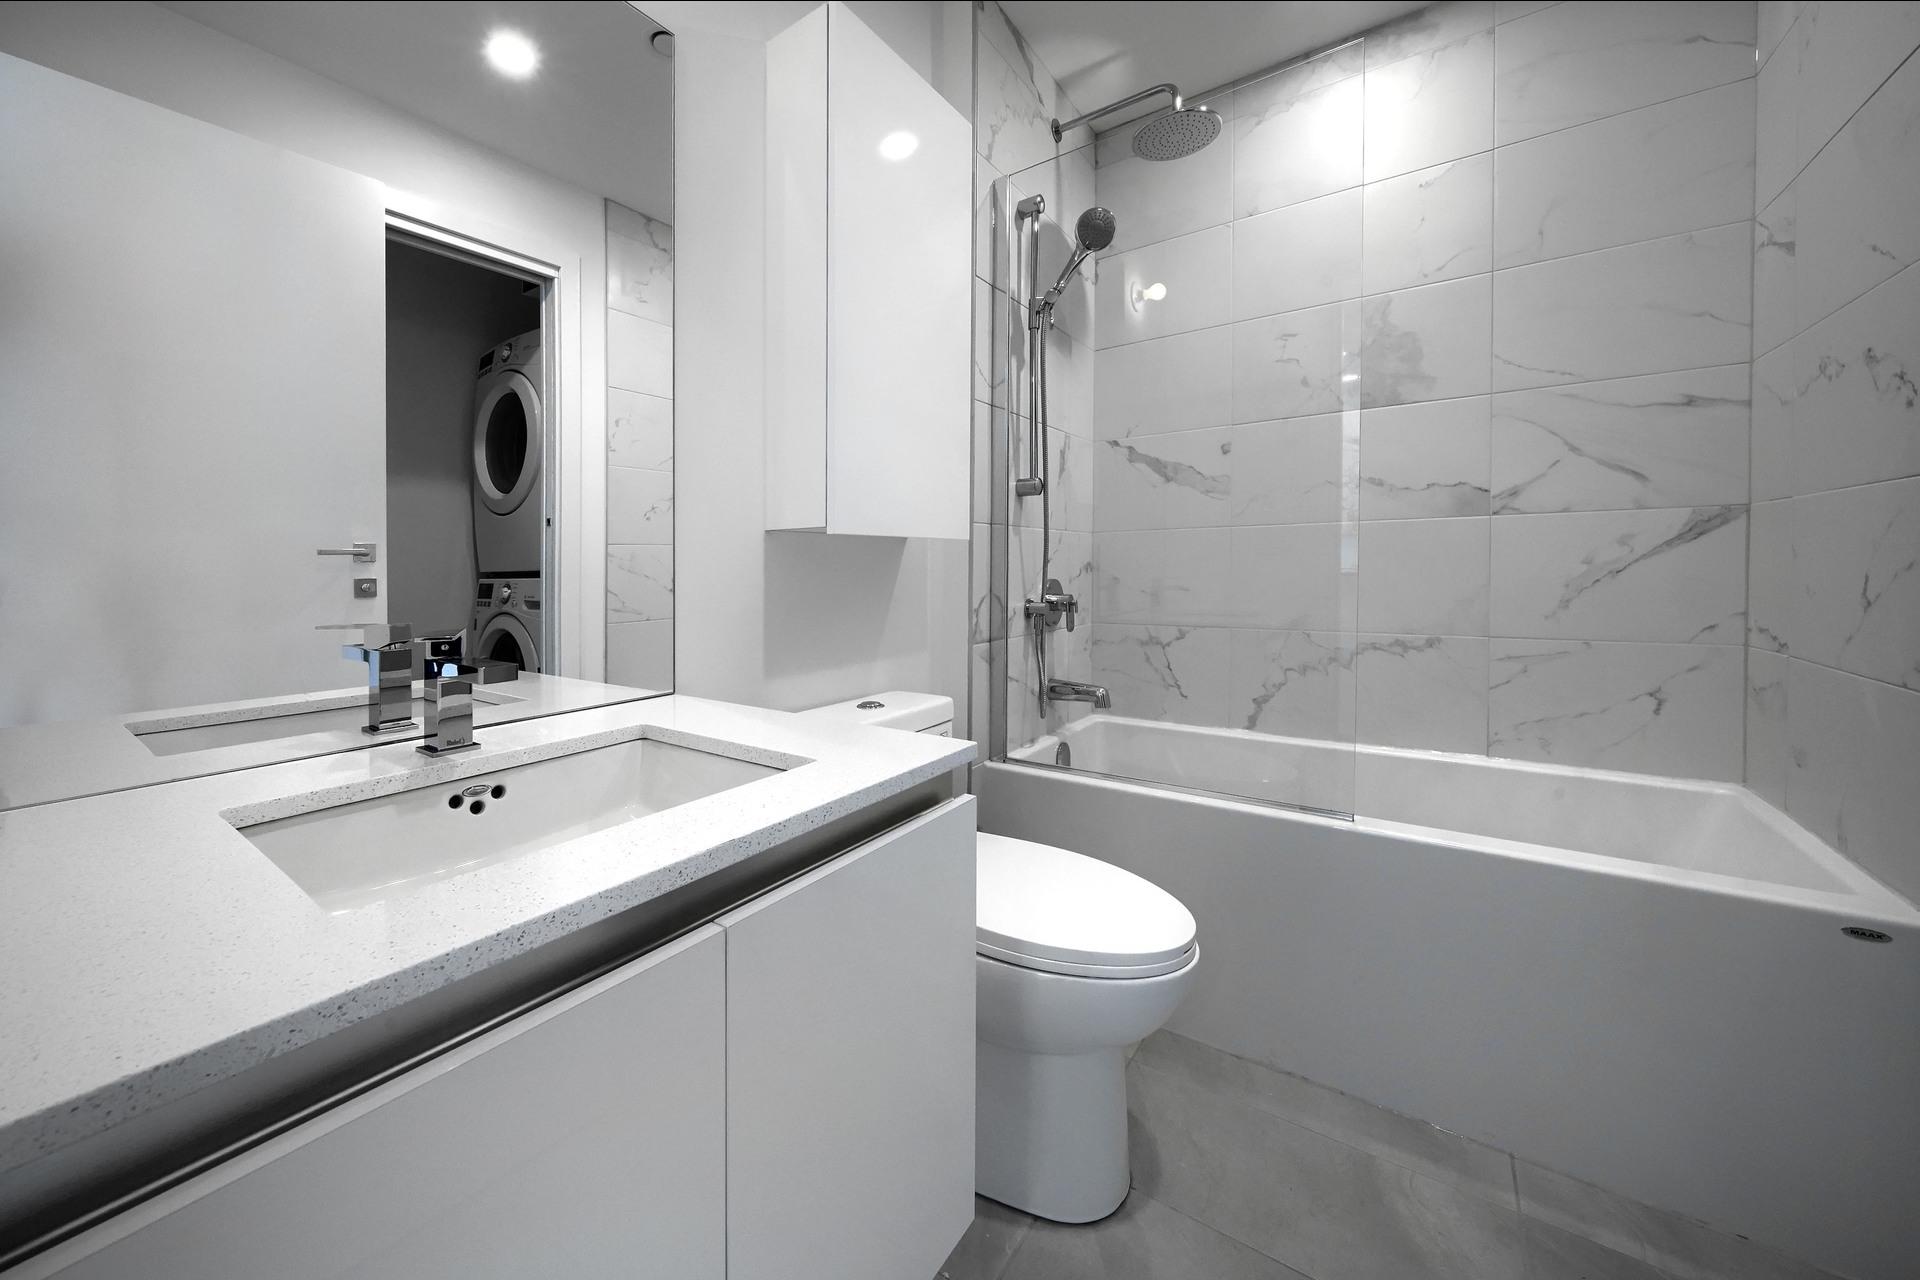 image 5 - Condo For rent Montréal - 4 rooms